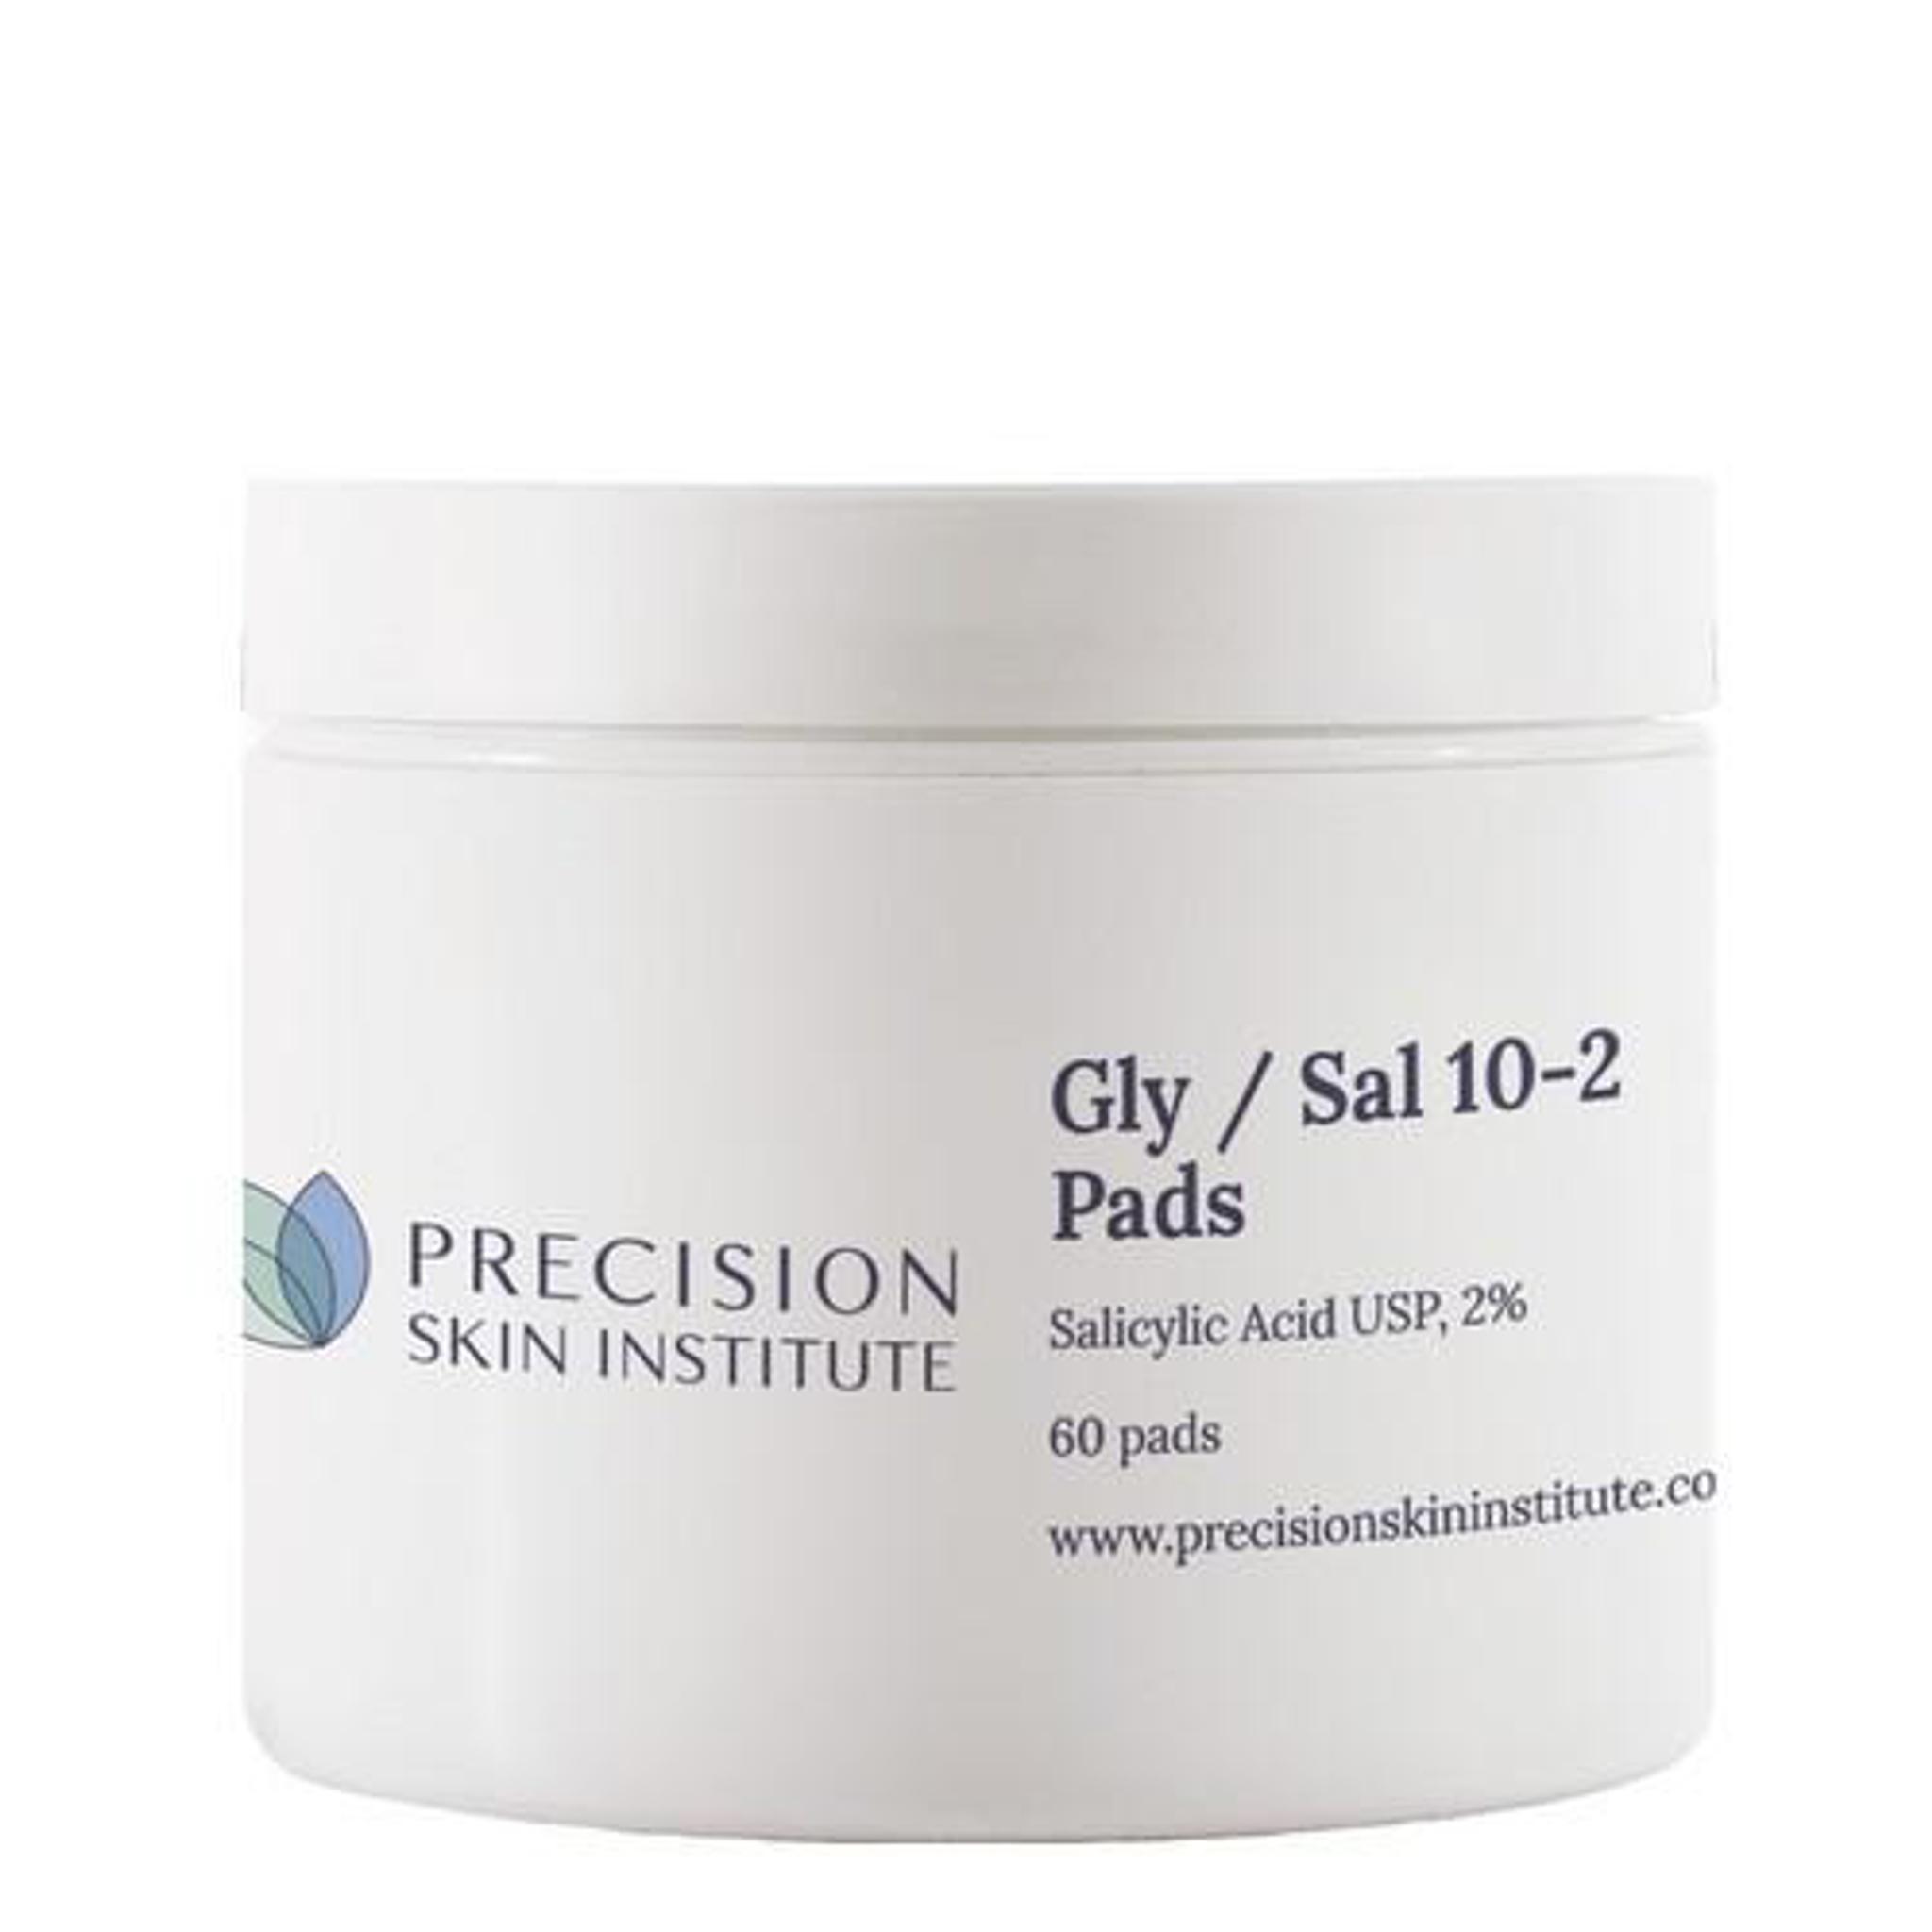 PSI Glycolic 10% Salicylic 2% Pads